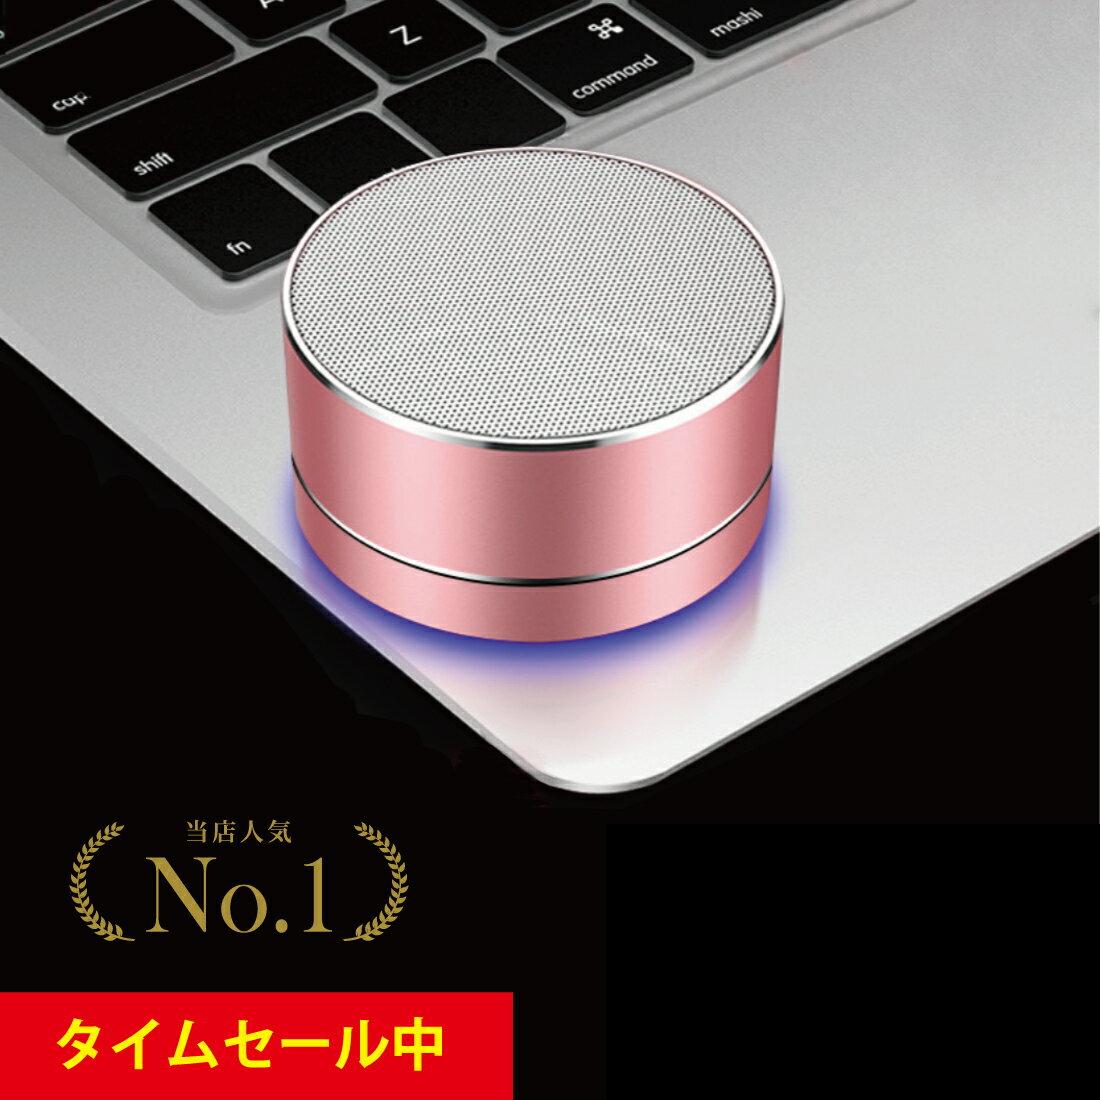 Bluetooth スピーカー 高音質 小型 重低音 iPhone スマホ ワイヤレス ステレオ ハンズフリー 大容量 3500mAh 高品質 おしゃれ